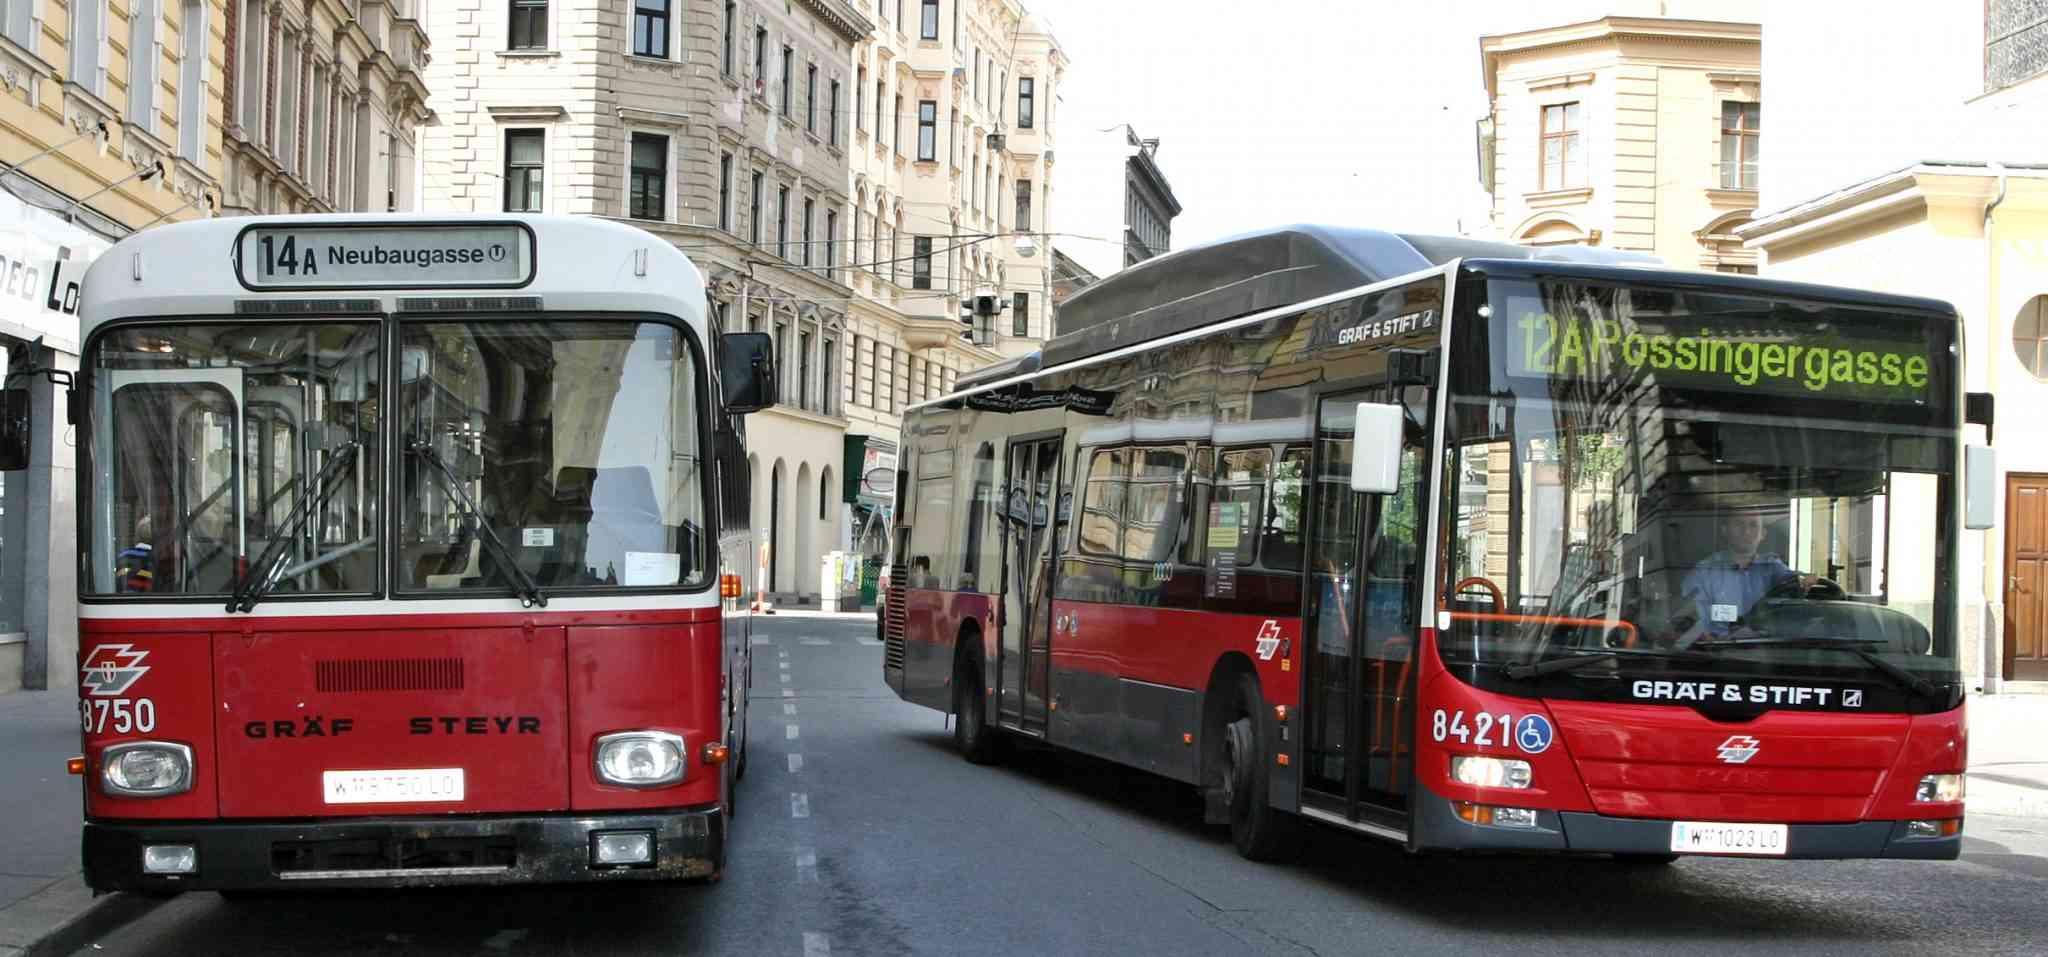 Die letzten Hochflurbusse waren bis 2007 in Betrieb.